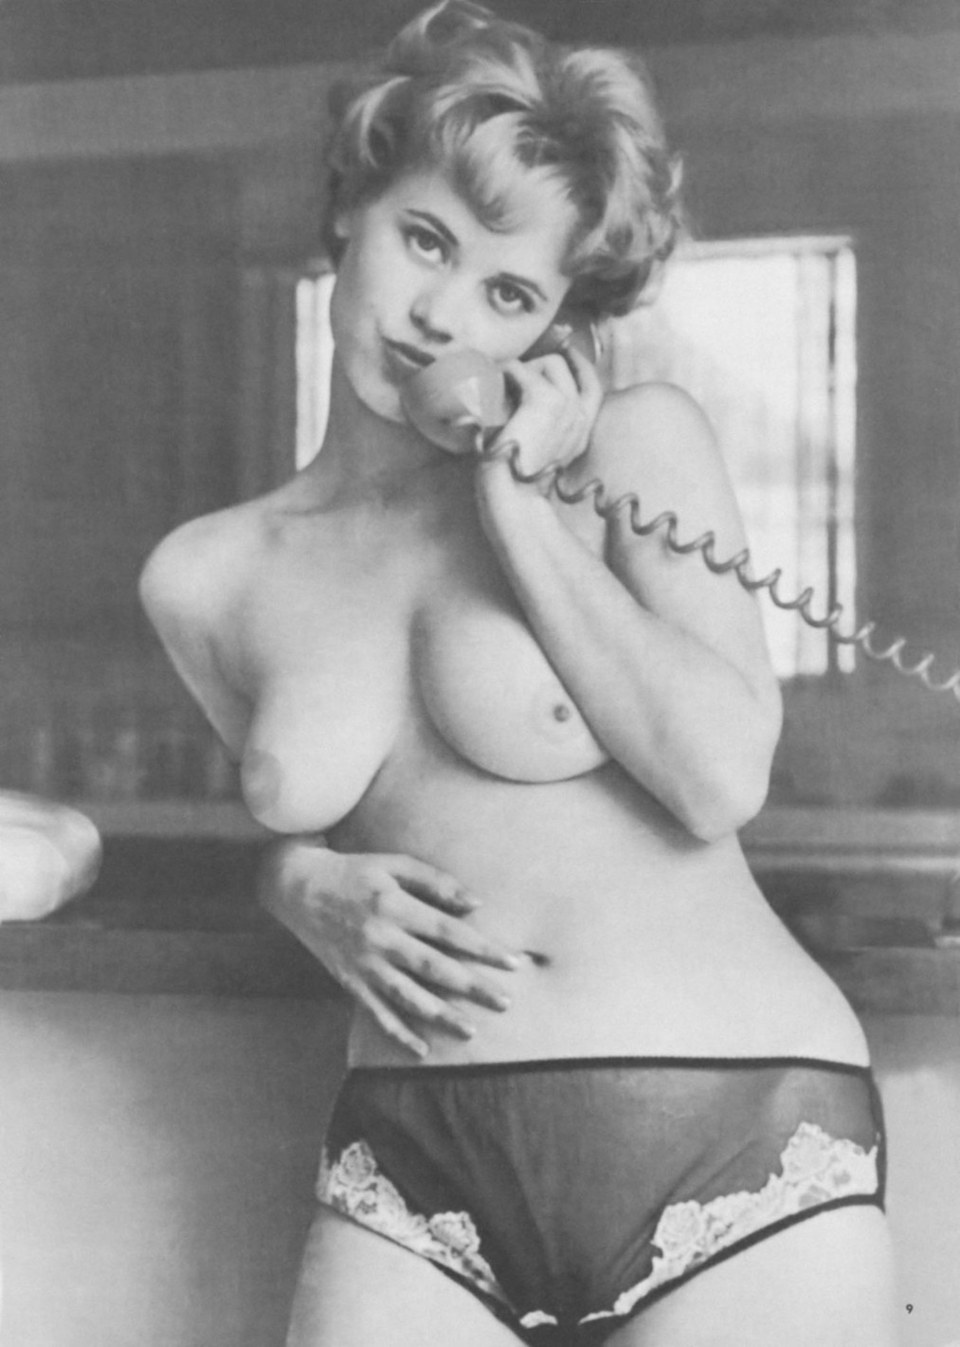 Bettie balhaus naked